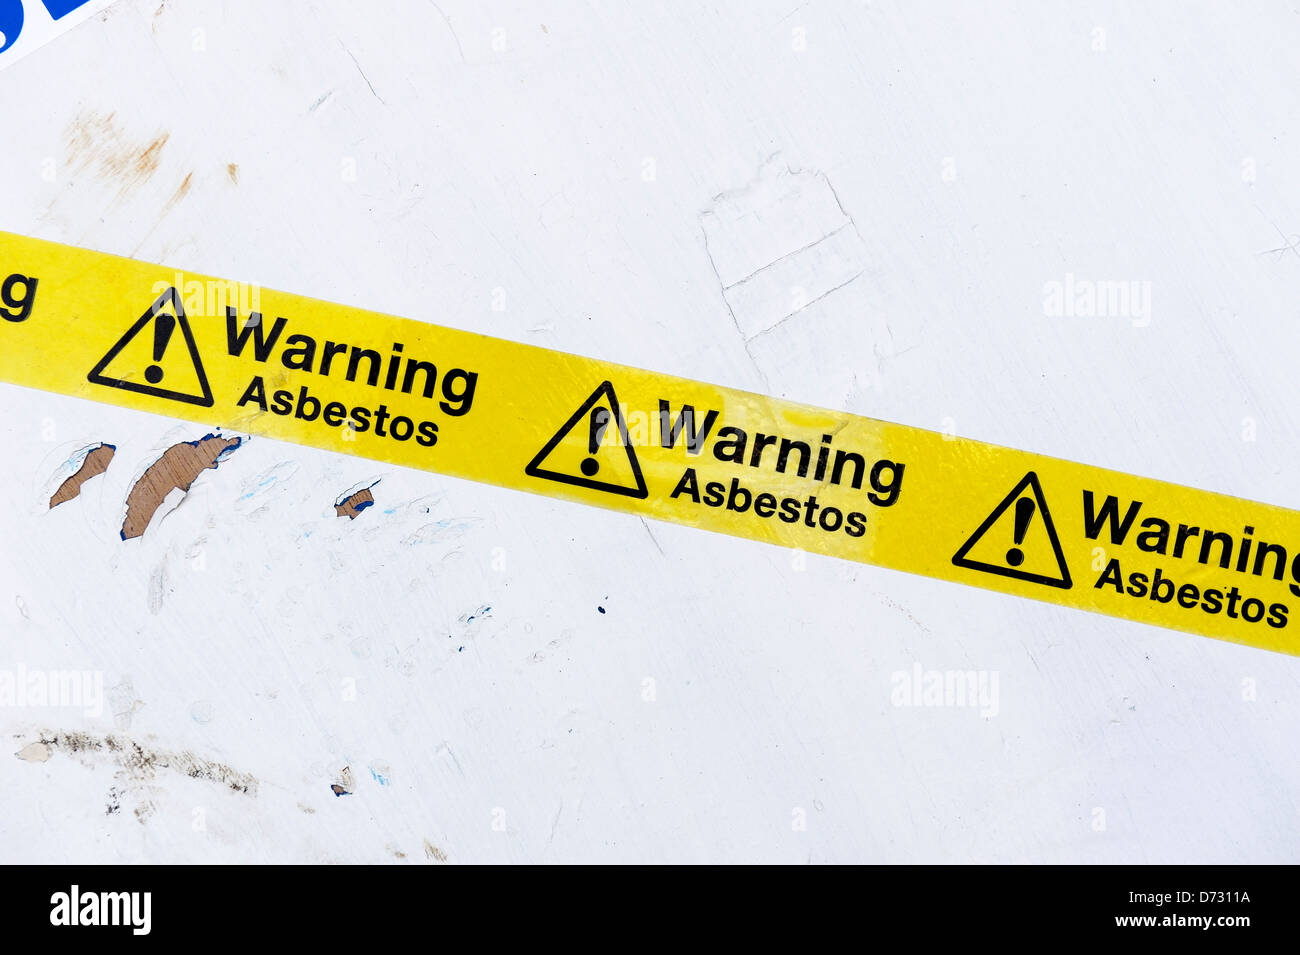 warning asbestos tape on asbestos panels - Stock Image